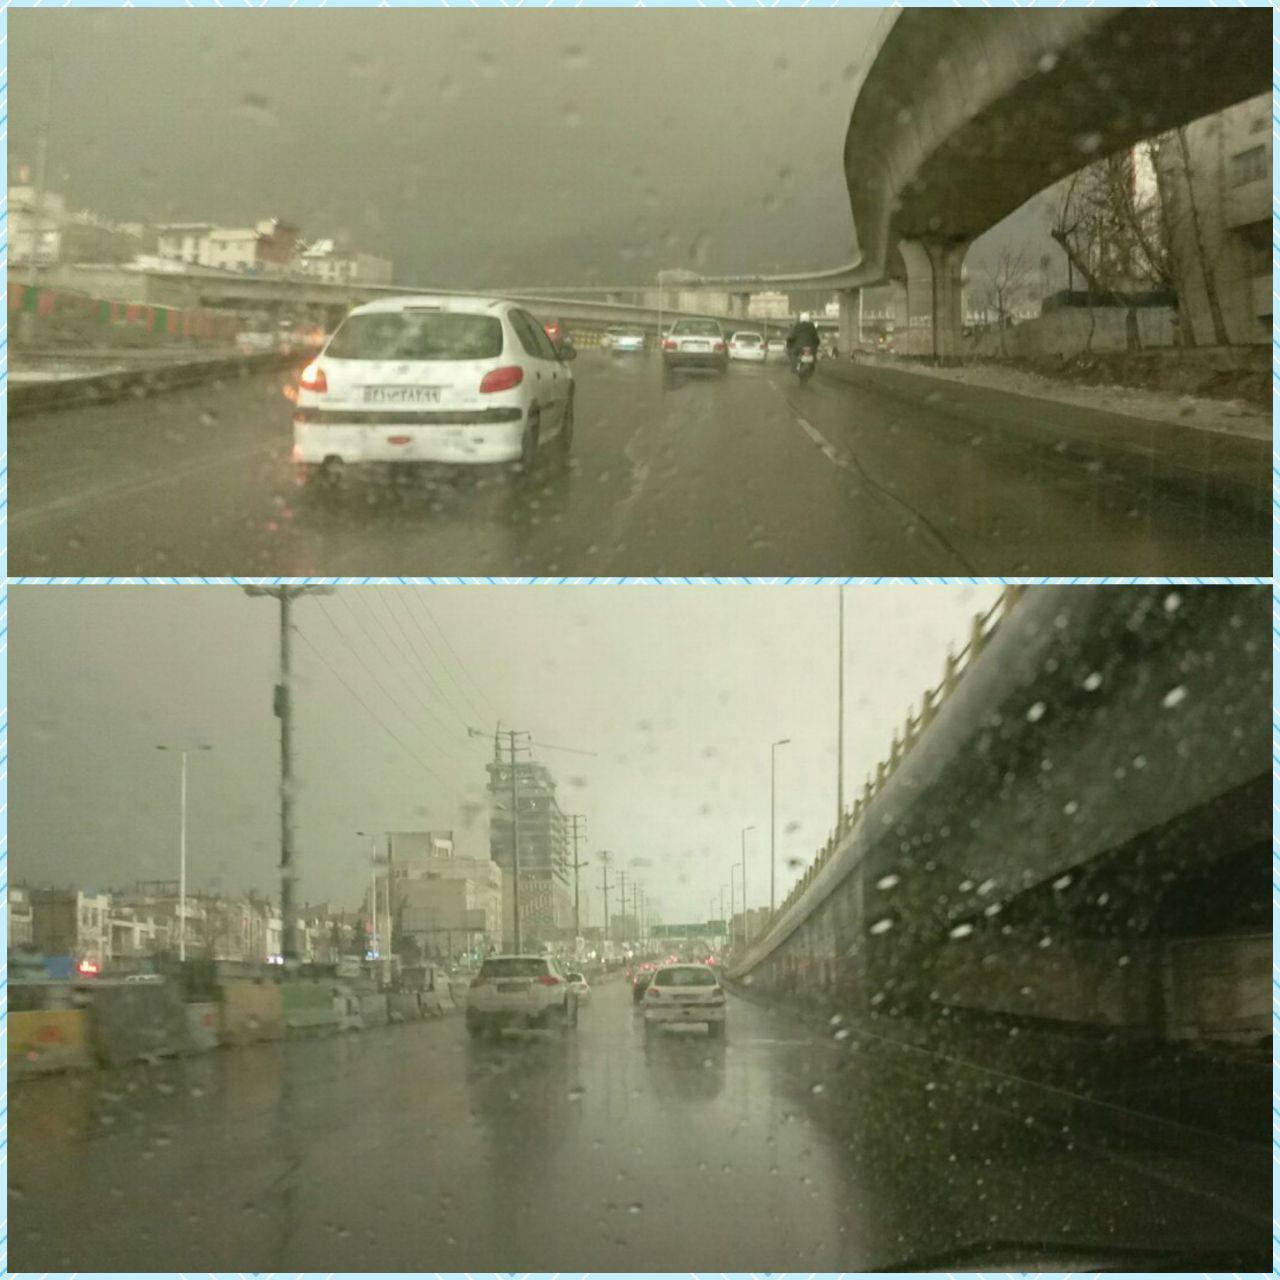 بارش باران امروز در تهران +عکس